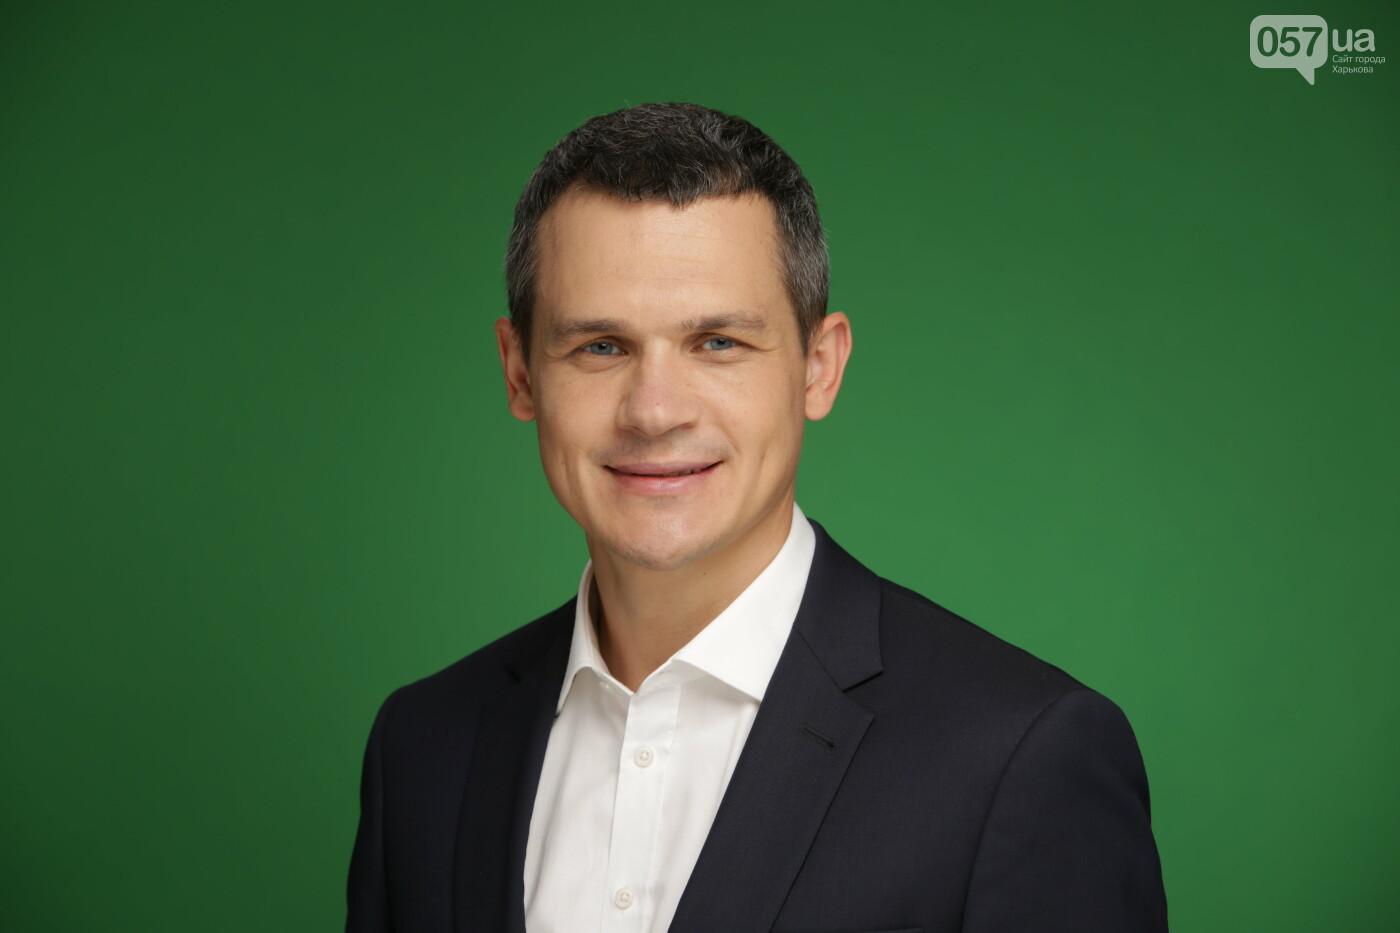 Олексій Кучер, майбутній кандидат на посаду міського голови Харкова від партії «Слуга Народу»